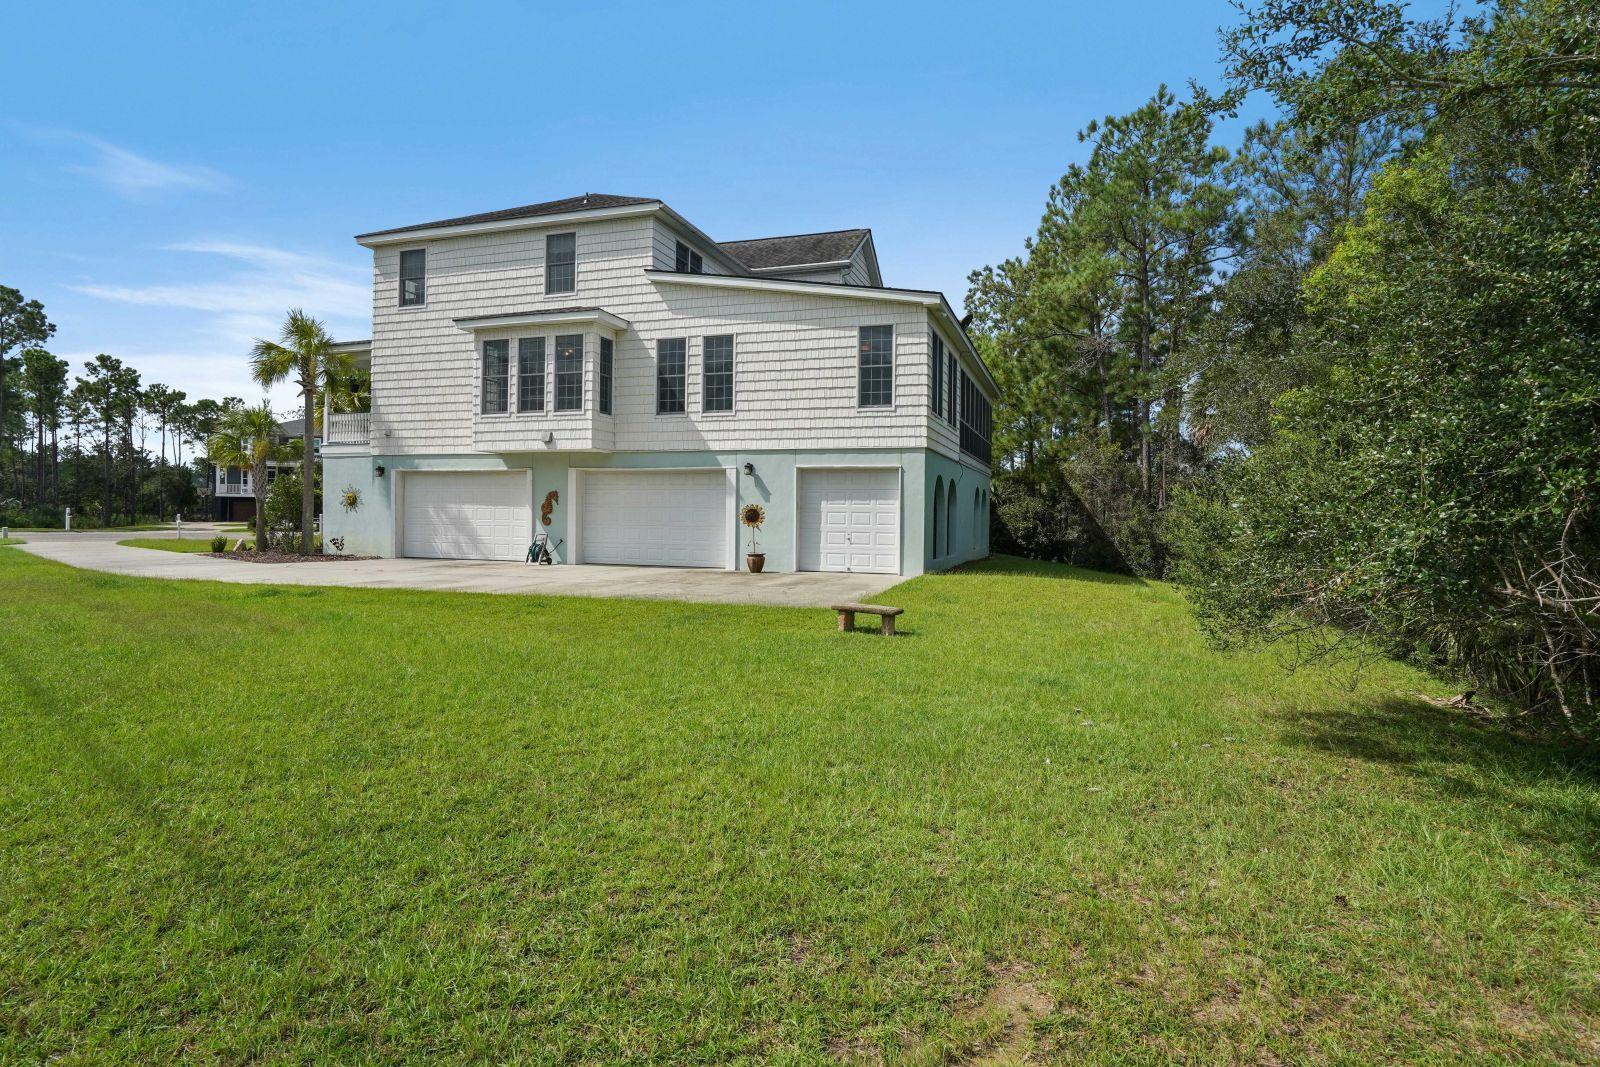 Planters Pointe Homes For Sale - 1847 Delacourt, Mount Pleasant, SC - 10